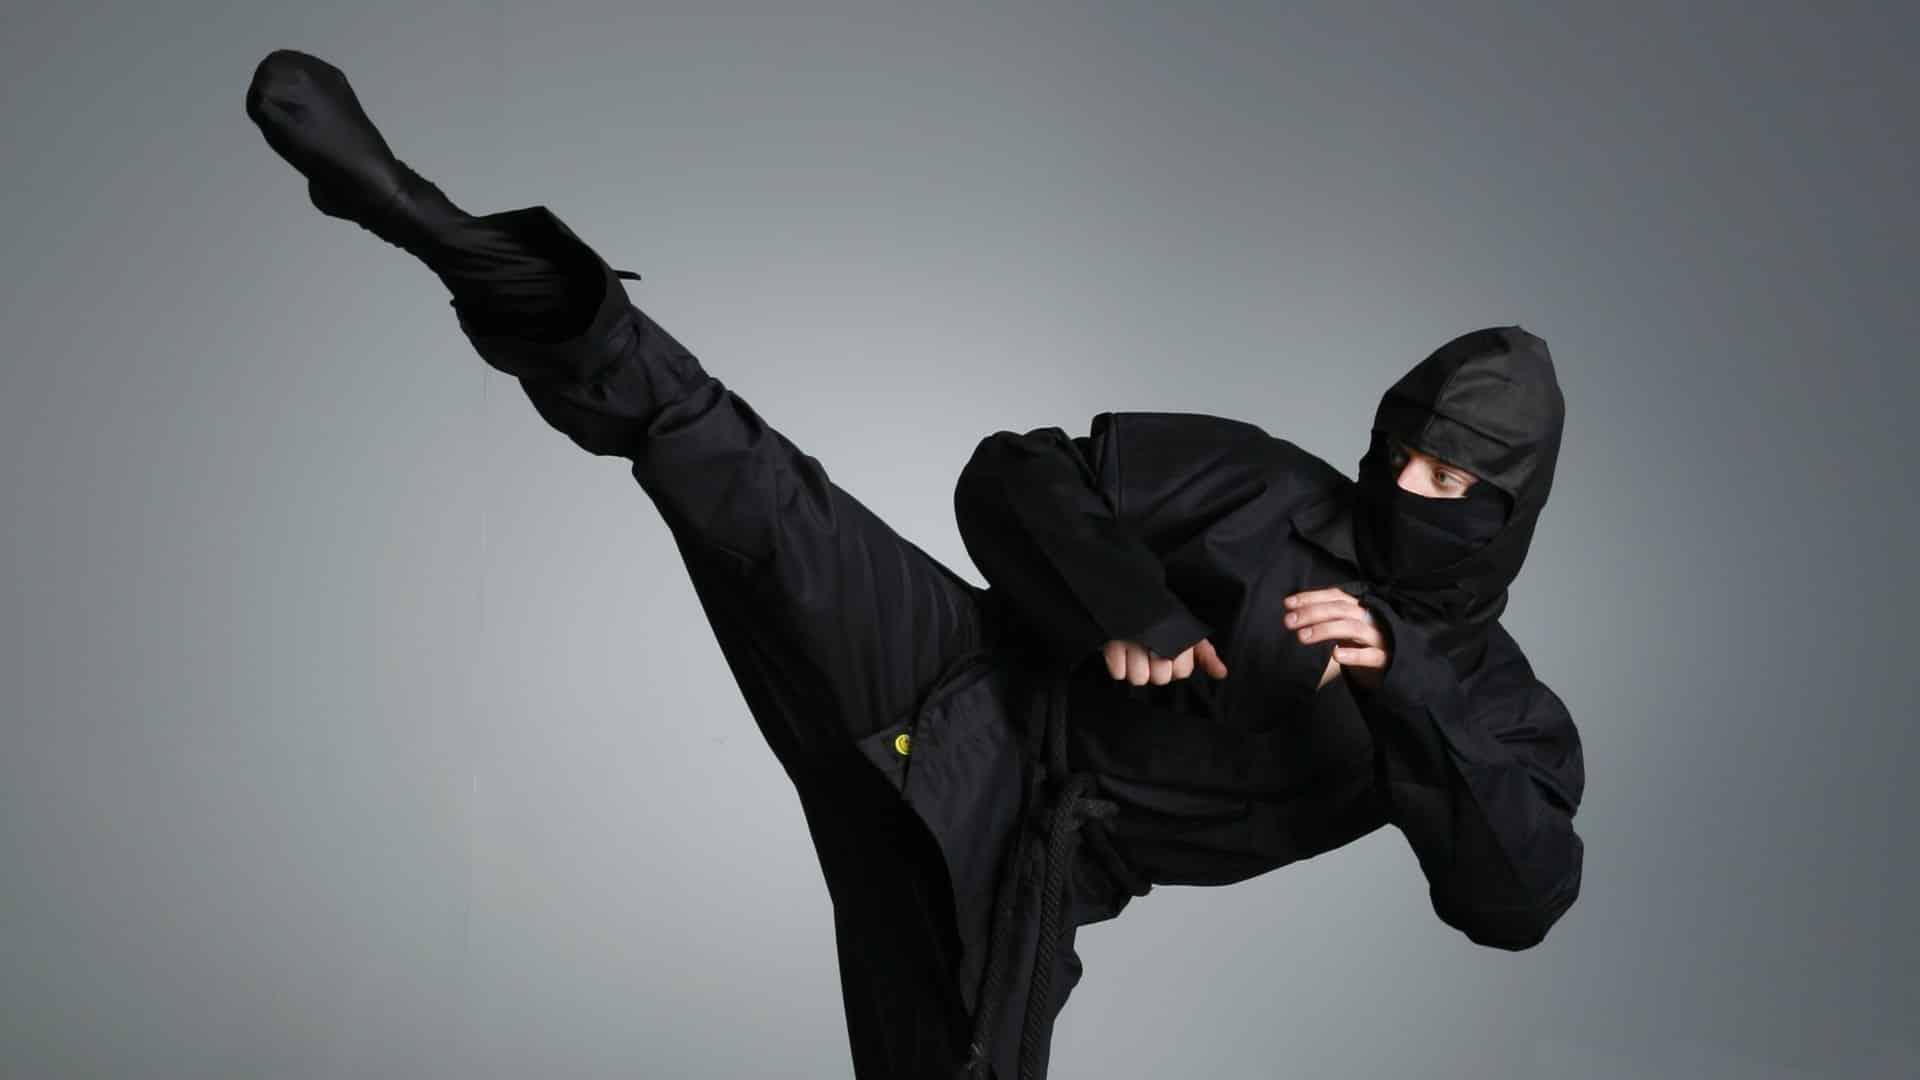 Ninja kicking